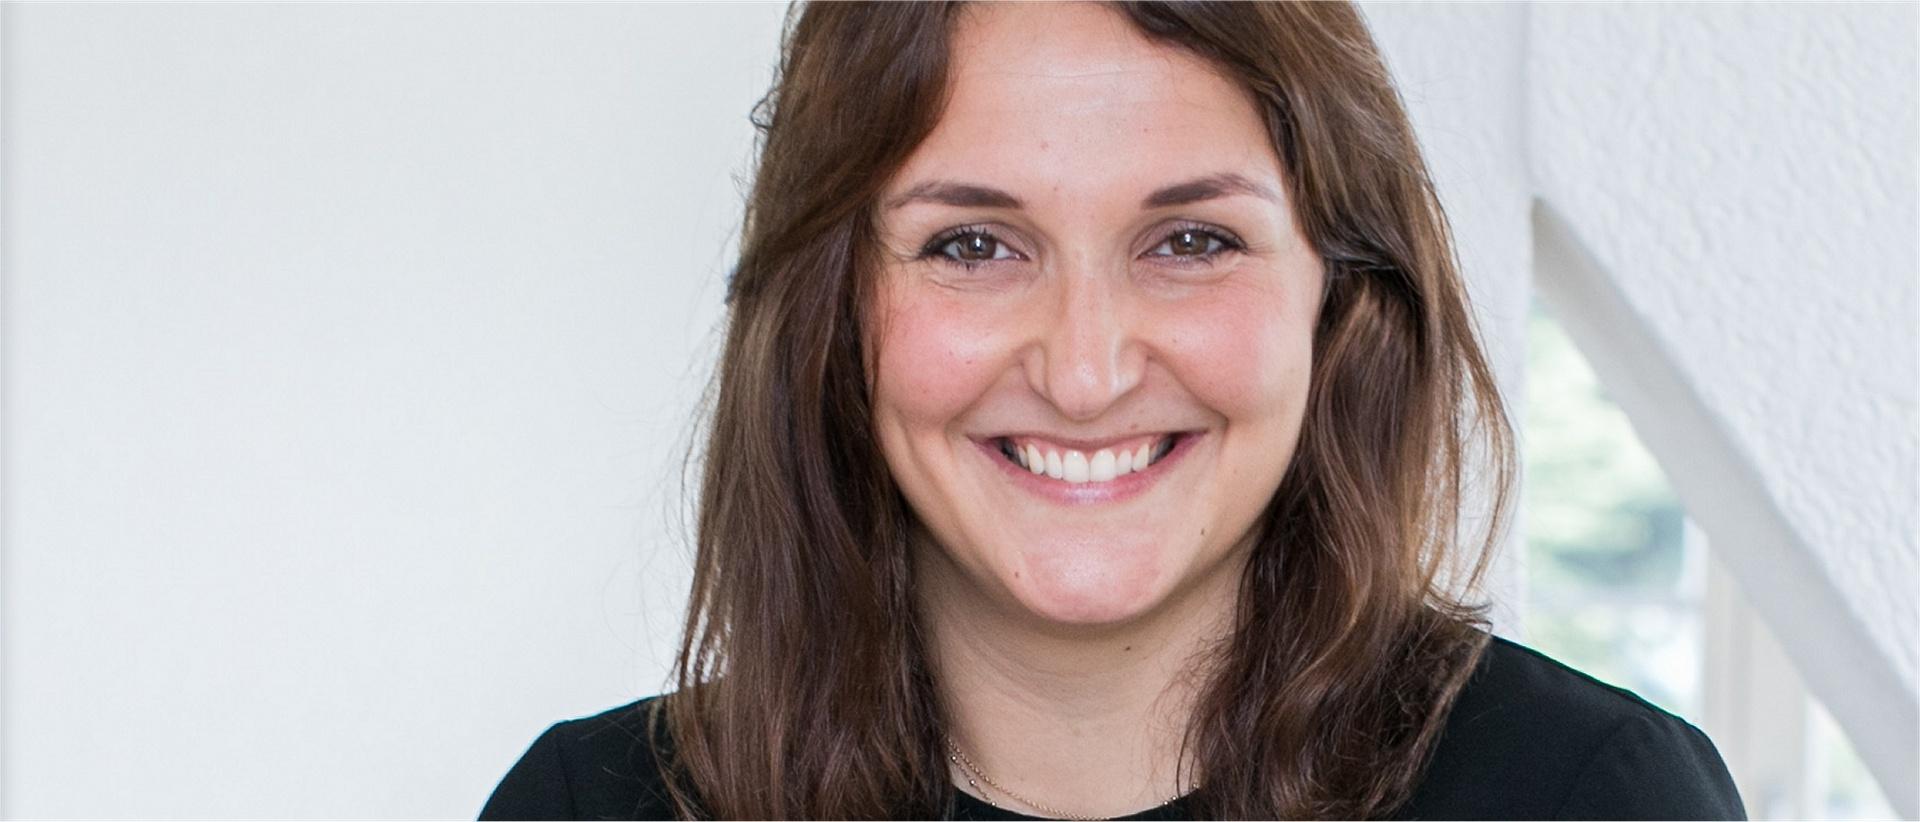 Lucie Rein